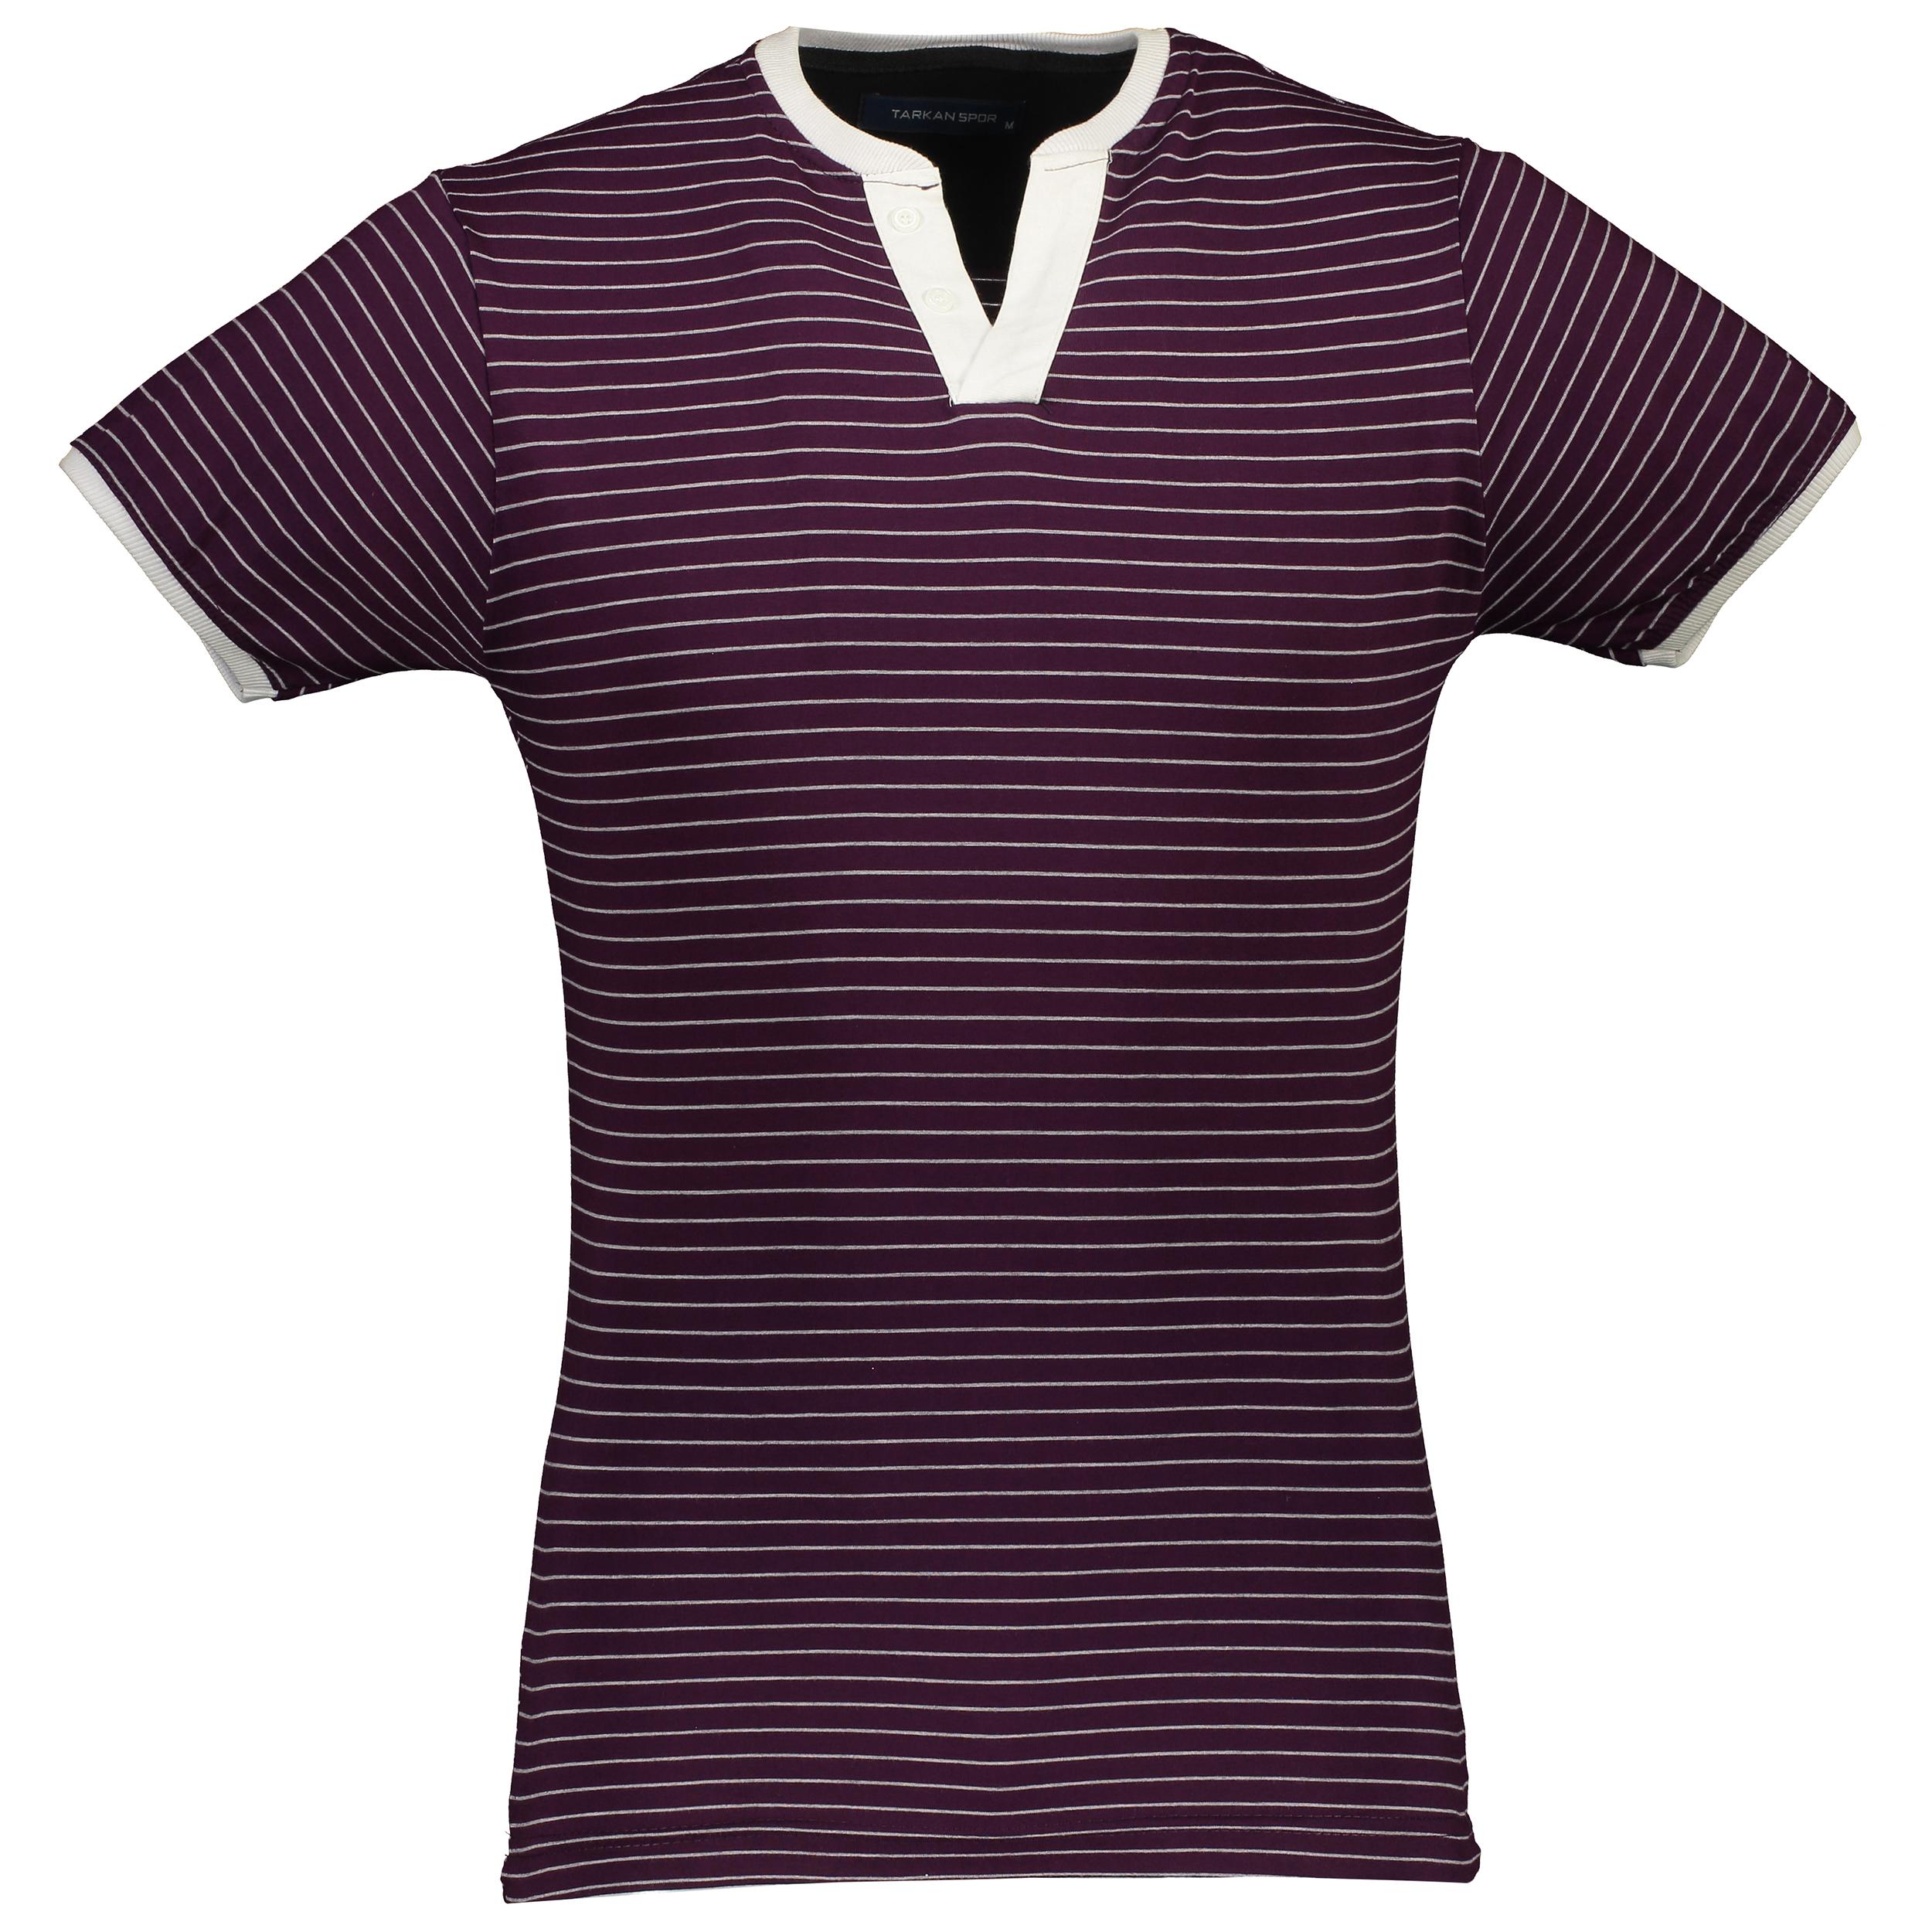 تی شرت آستین کوتاه مردانه تارکان اسپور کد 12